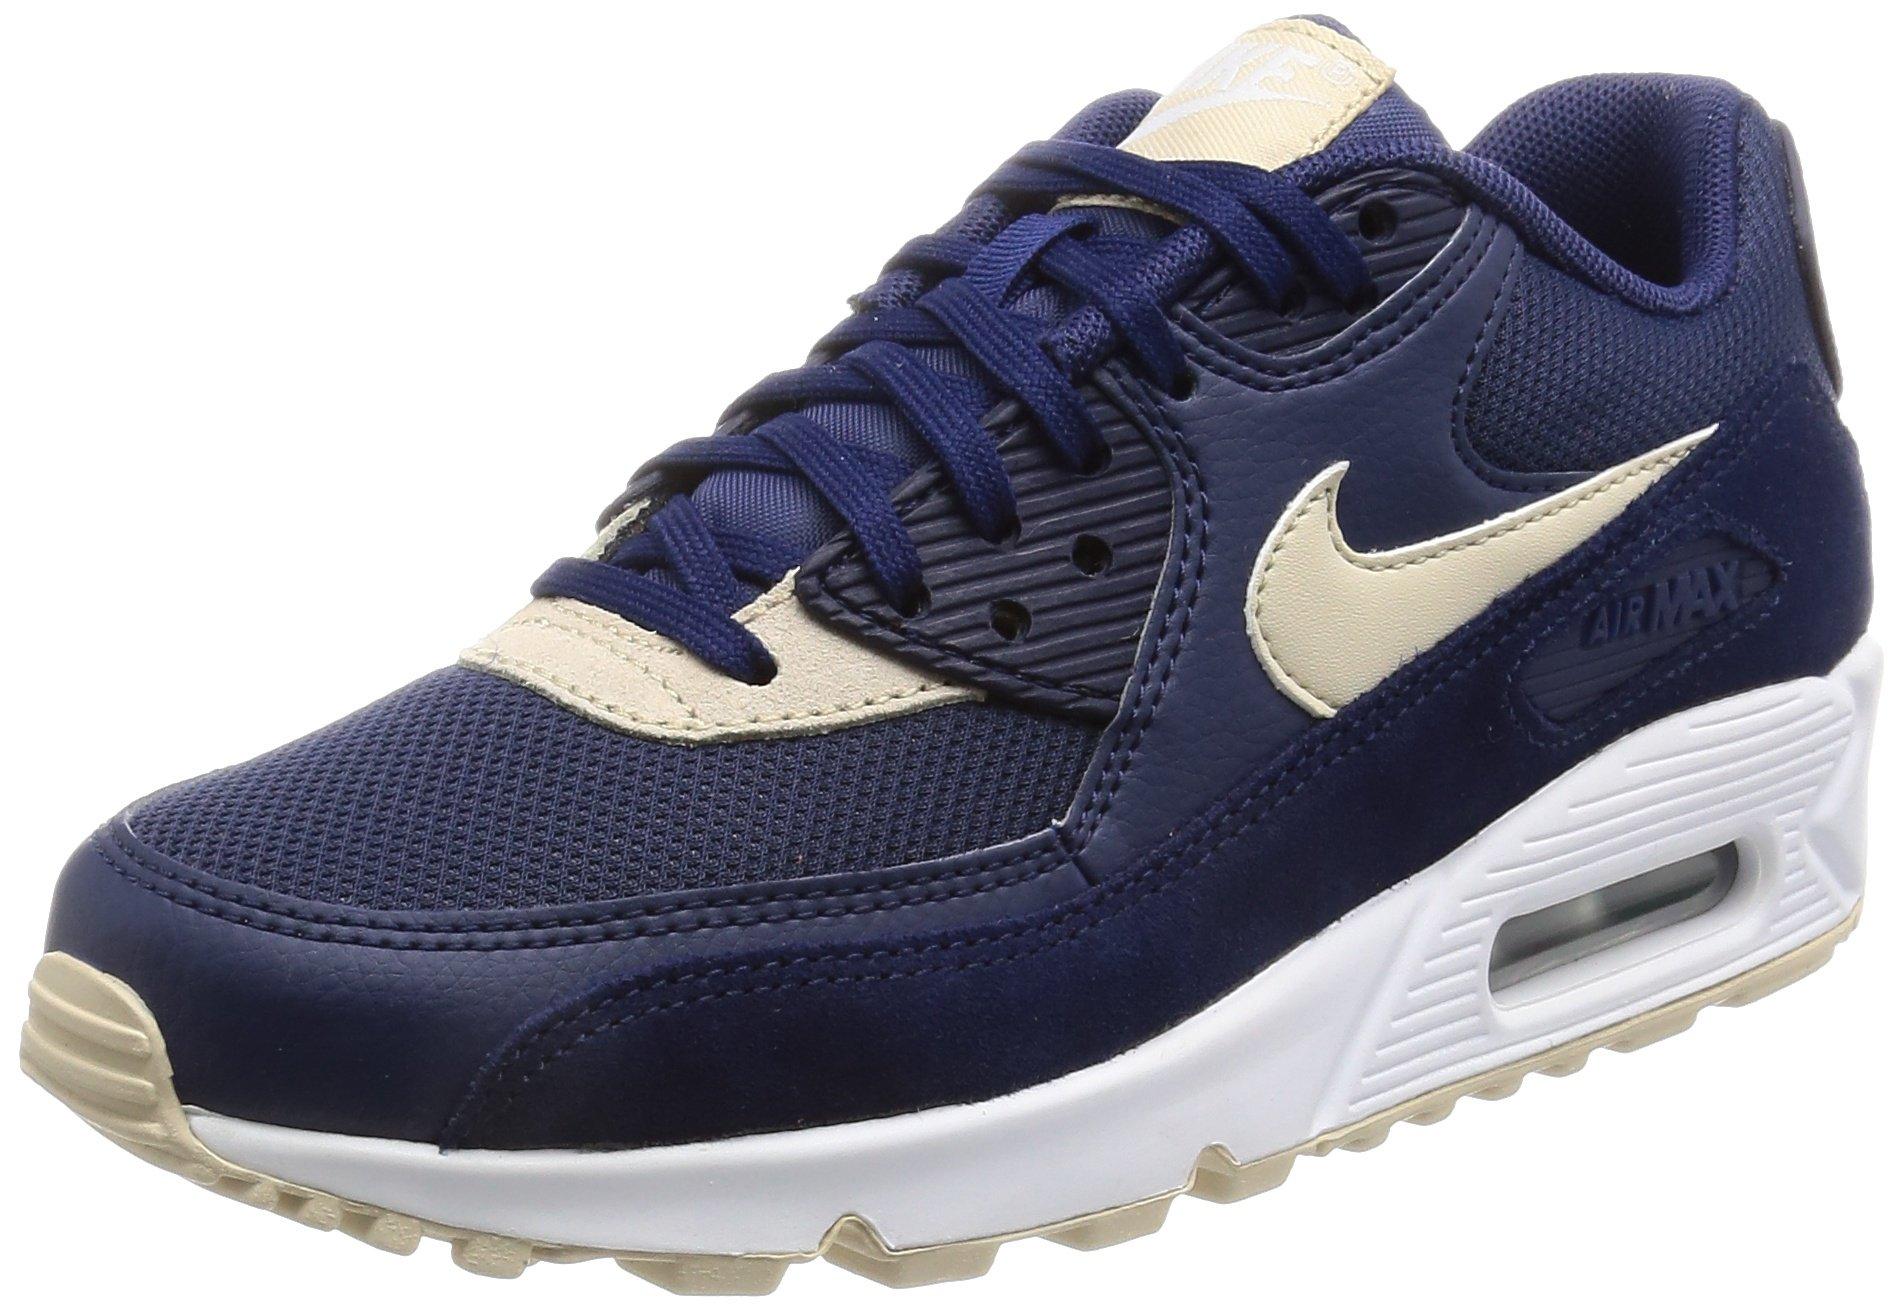 Mens Oatmeal & Sail & Gum Rubber Nike Air Max 90 Premium iD Shoe